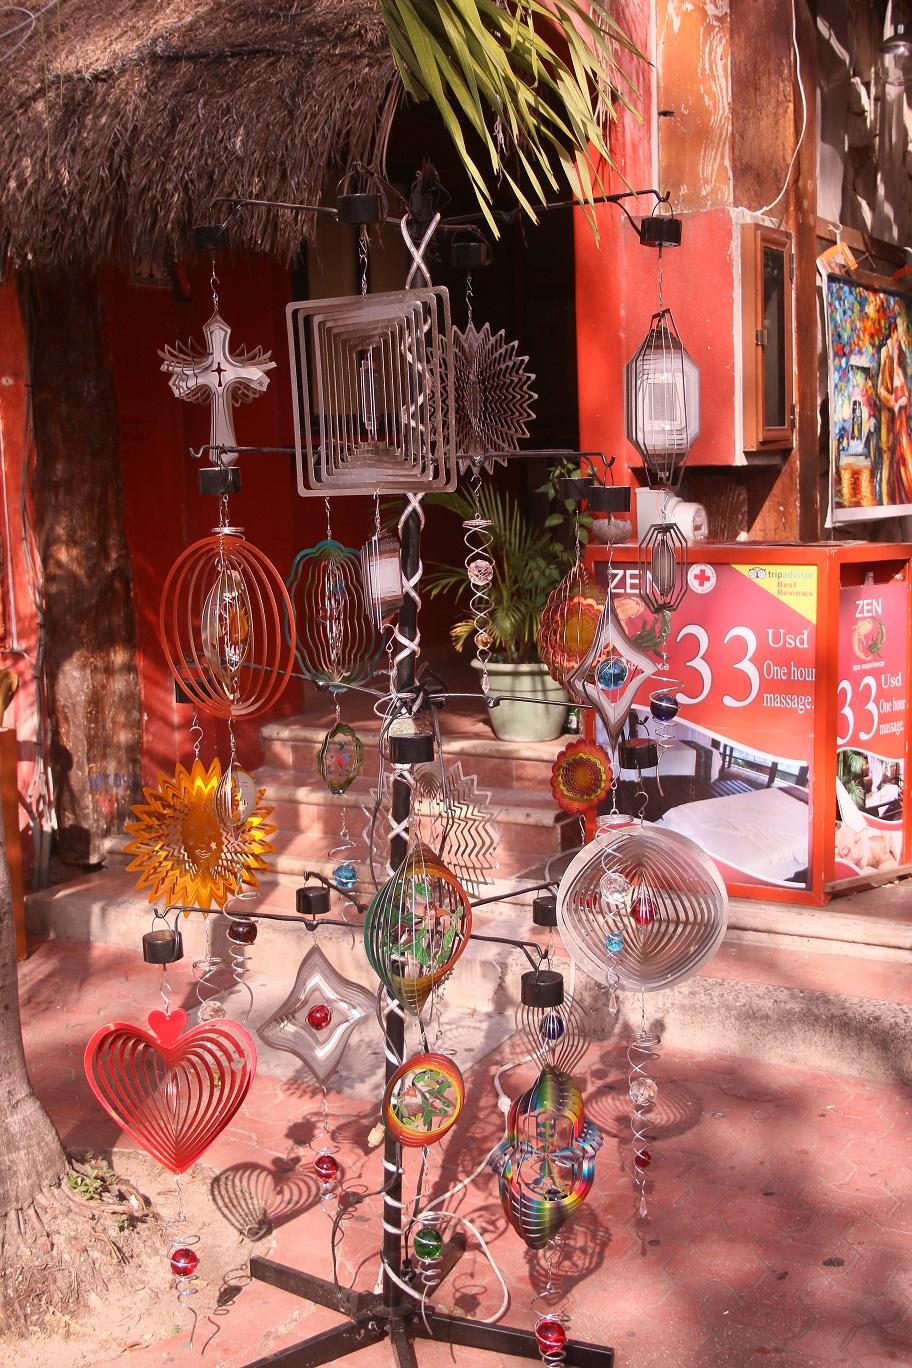 Ezeket a forgó bigyókat mindenfelé árulják, mint dekorációt. A Quintán sétálva Csücsök újra és újra rájuk csodálkozott